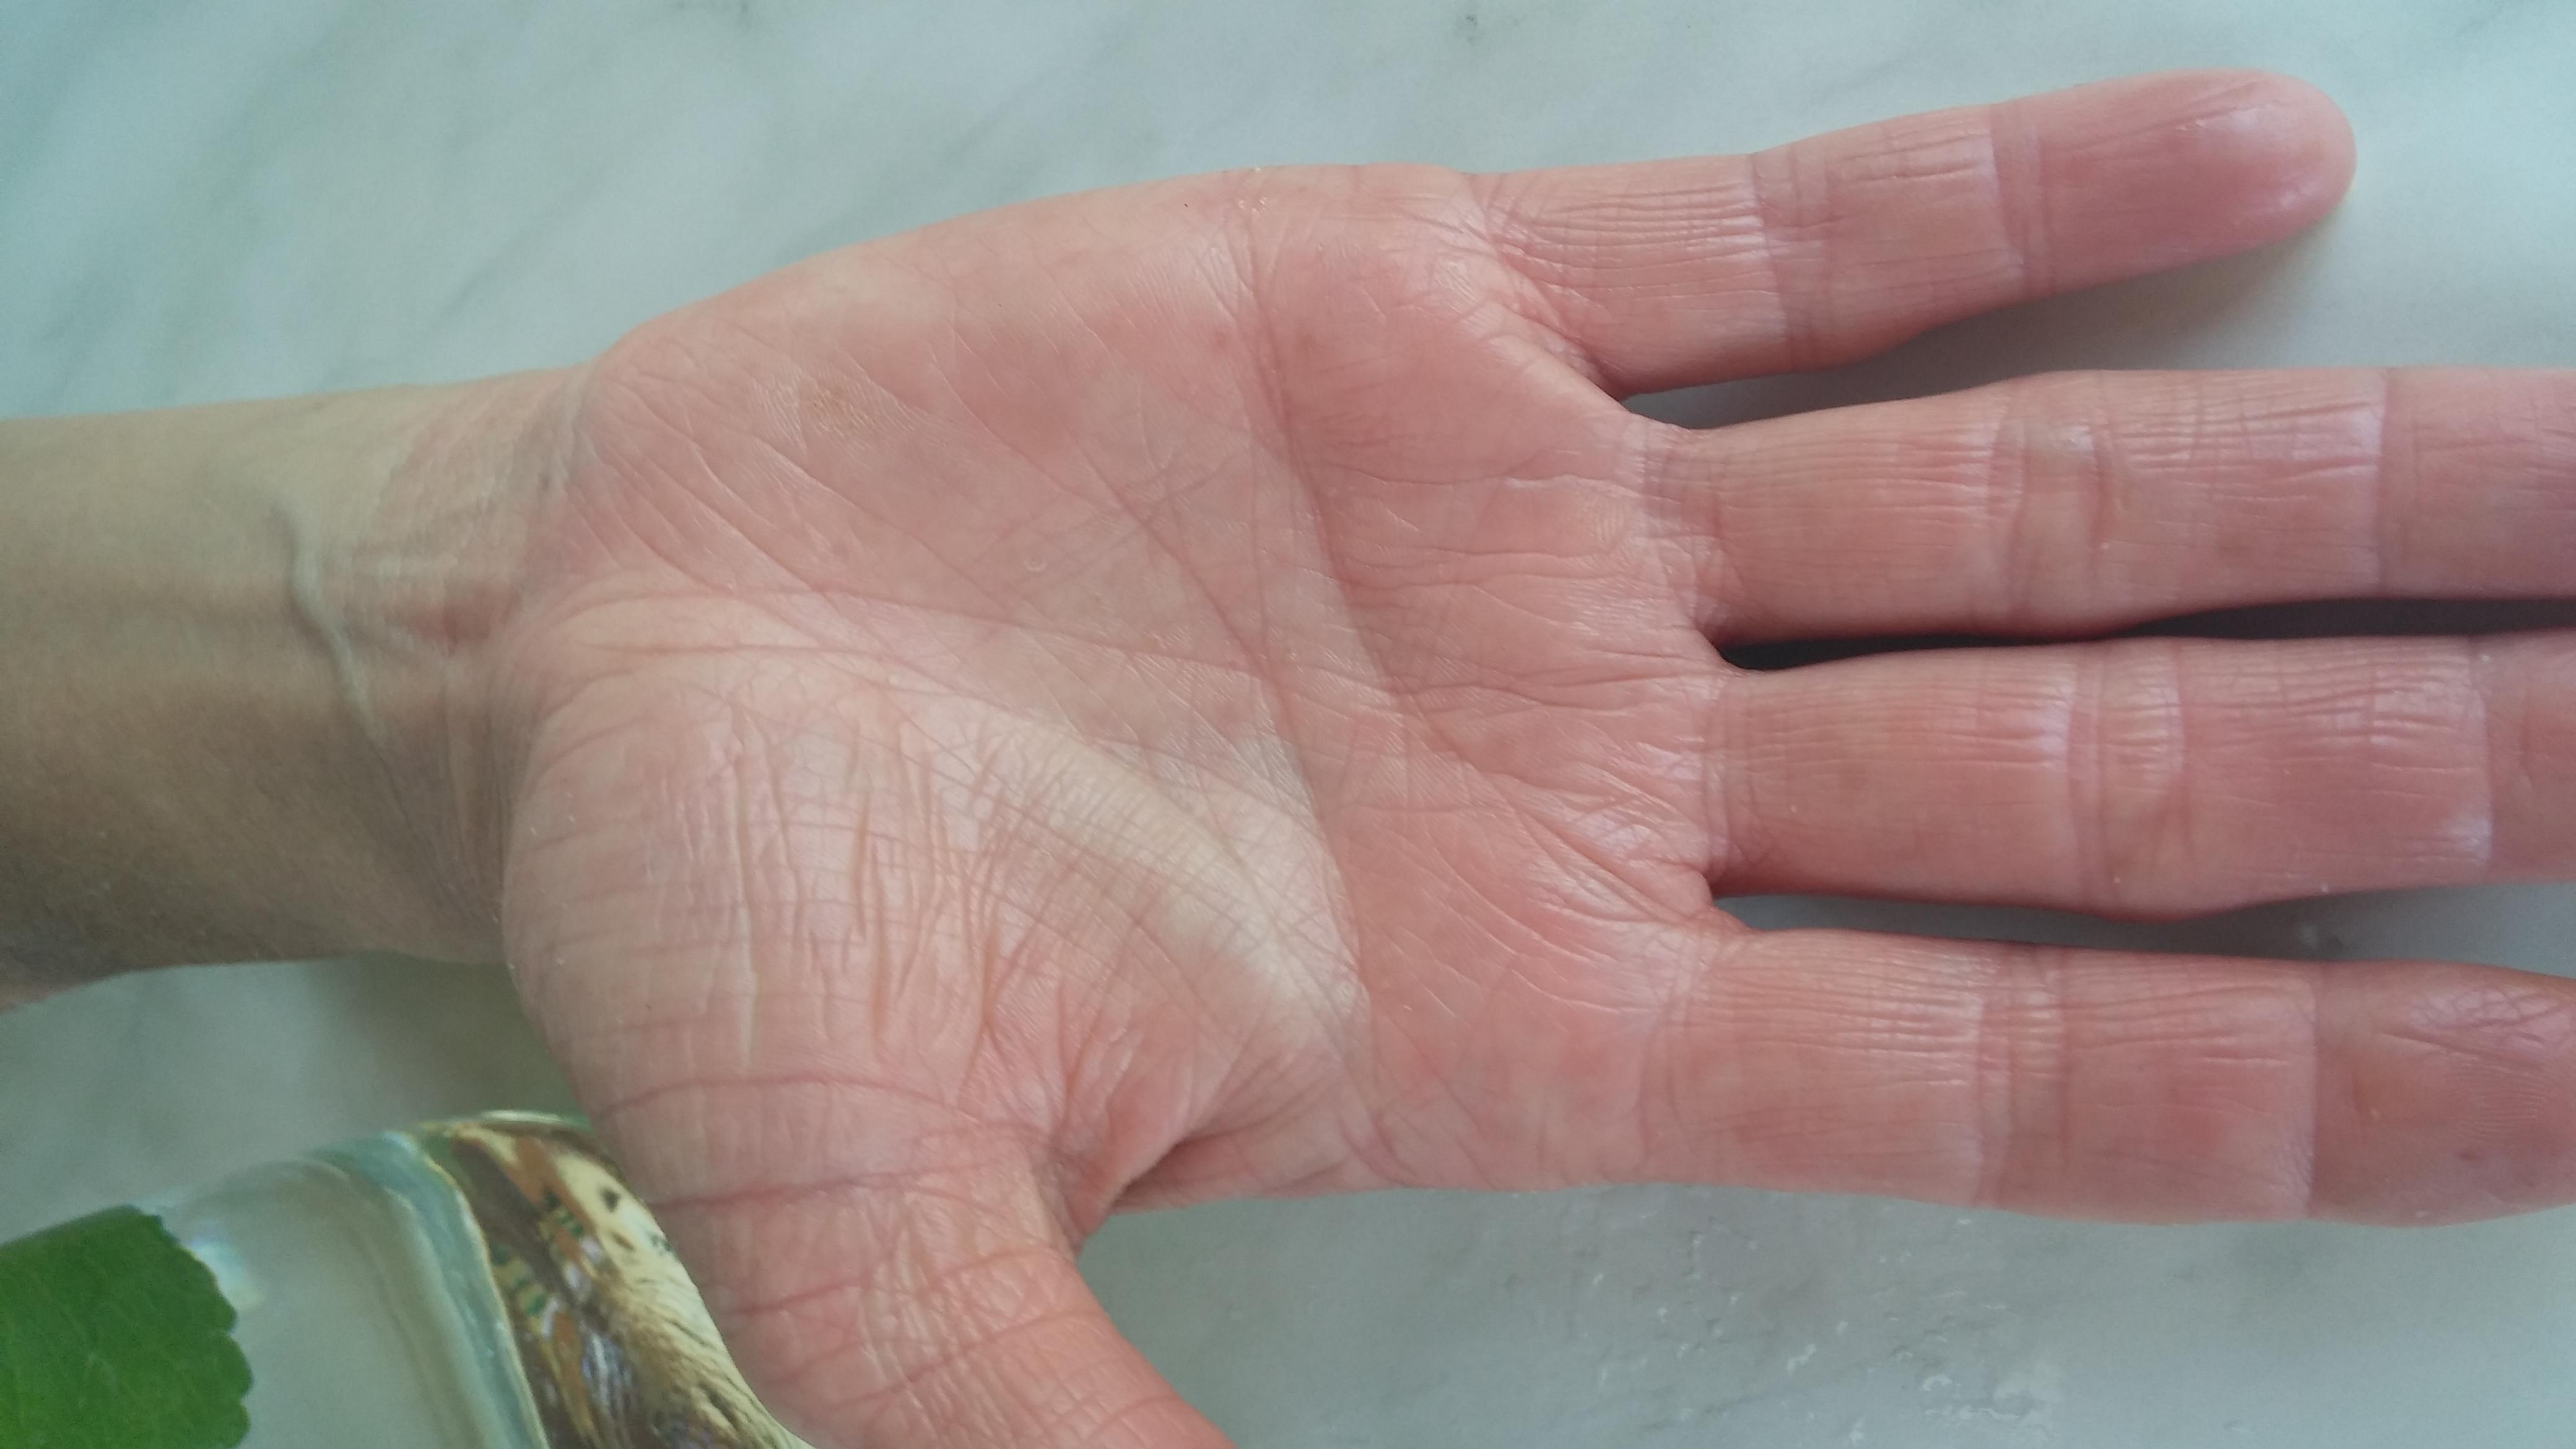 treibt gekochter milchreis urin aus der blase